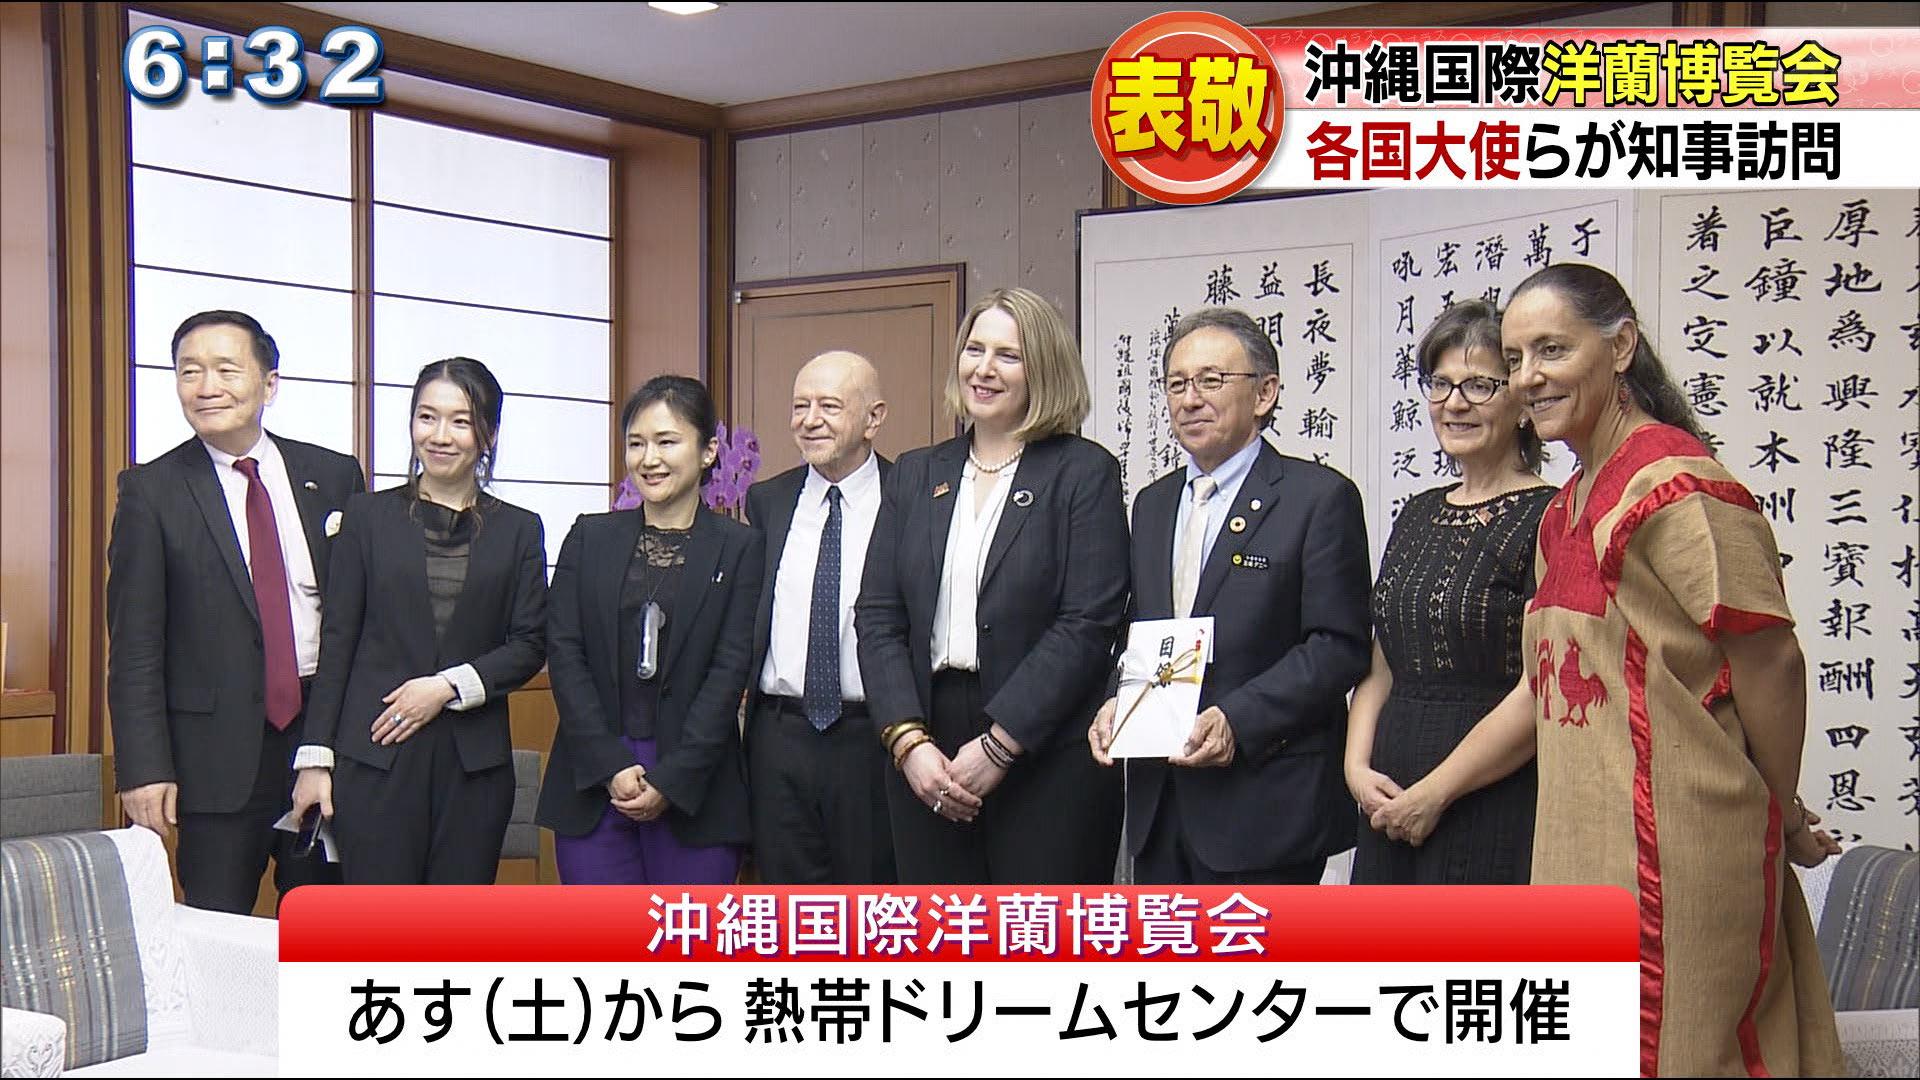 沖縄国際洋蘭博覧会に参加する大使ら知事表敬